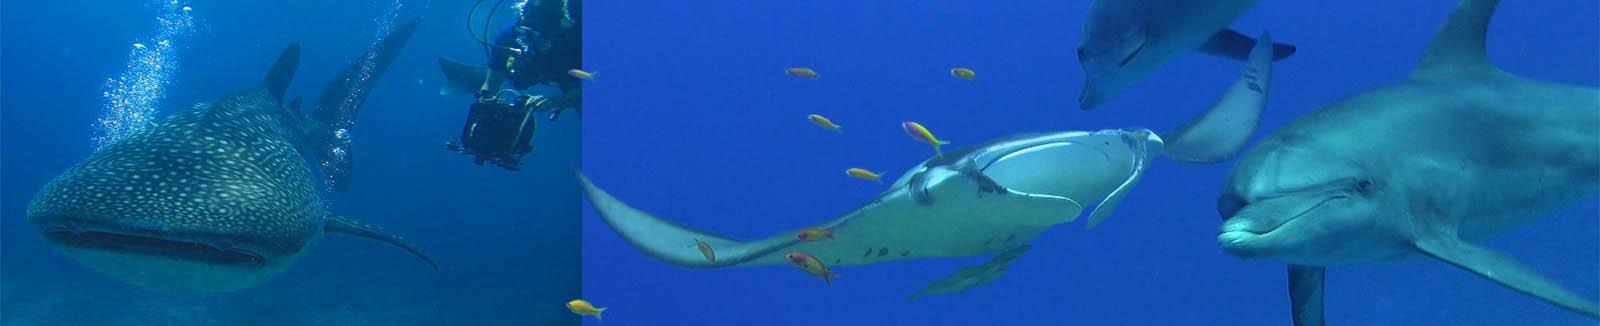 unterwasser kameramann  Bluewaterfascination und Großfische